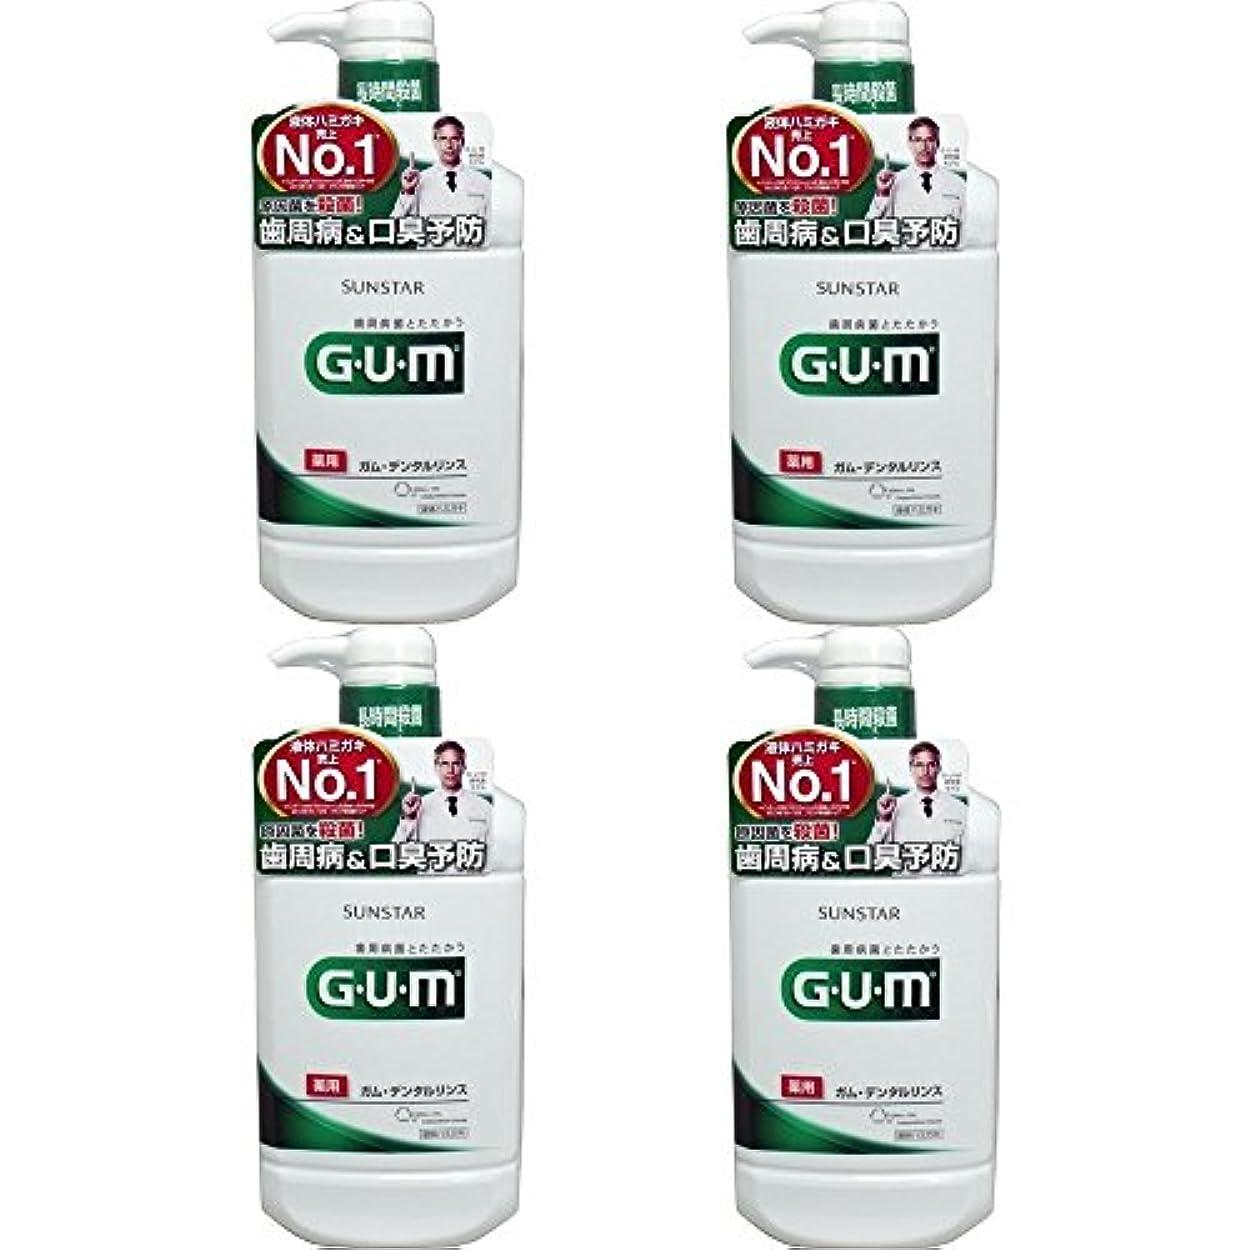 はず髄行【セット品】GUM(ガム)?デンタルリンス (レギュラータイプ) 960mL (医薬部外品) (4個)